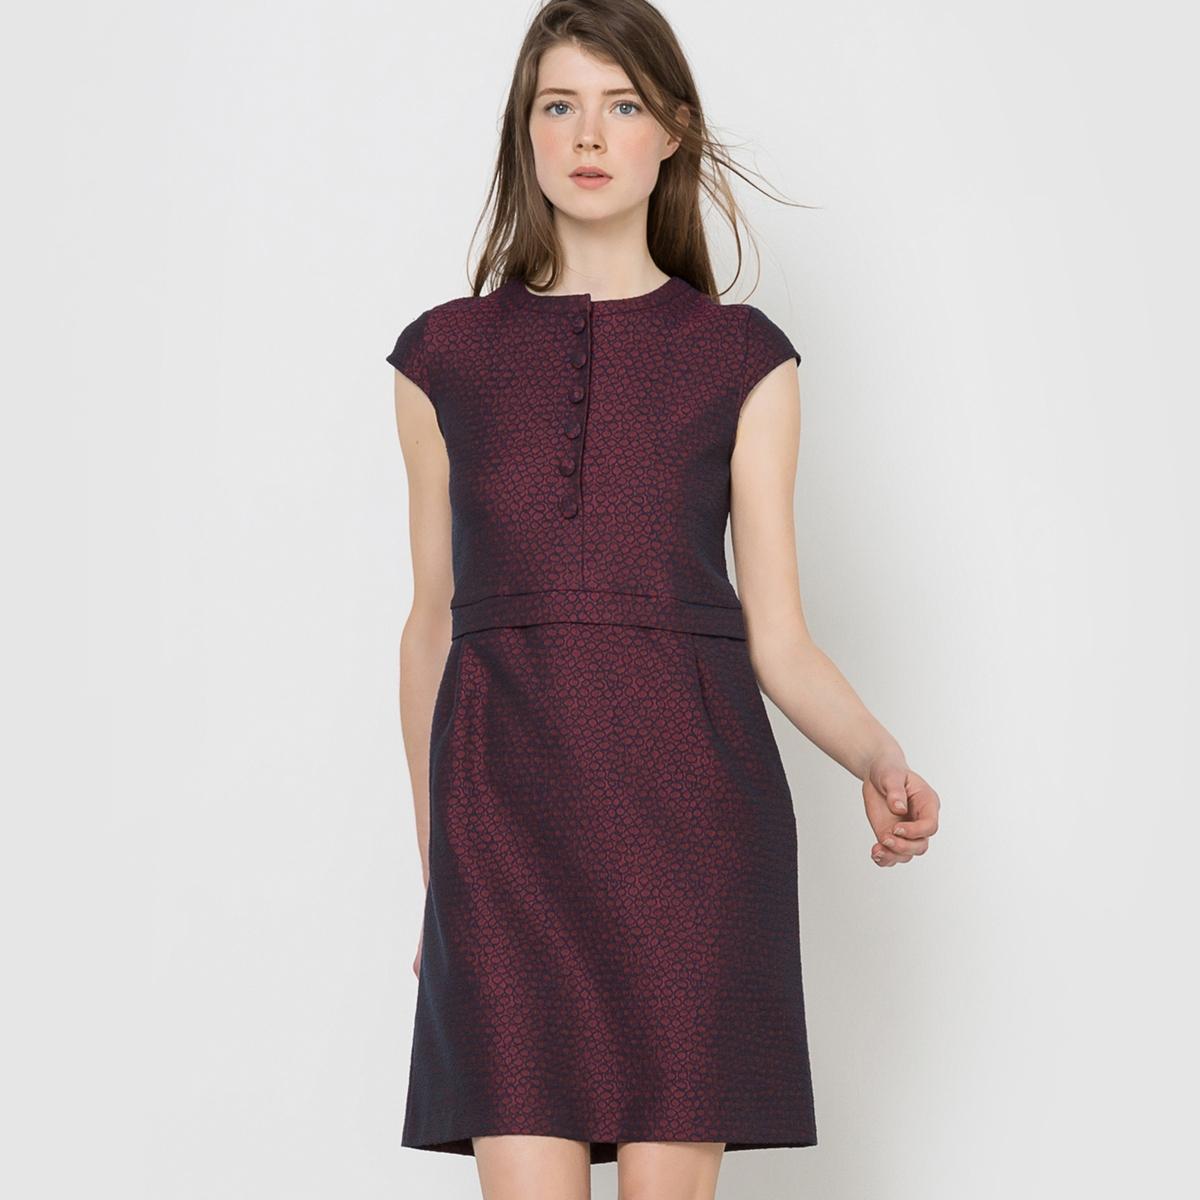 Платье жаккардовоеСостав и описание :Материал : 63% полиэстера, 35% хлопка, 2% эластана.Длина : 90 смМарка : MADEMOISELLE R.<br><br>Цвет: набивной рисунок<br>Размер: 40 (FR) - 46 (RUS)